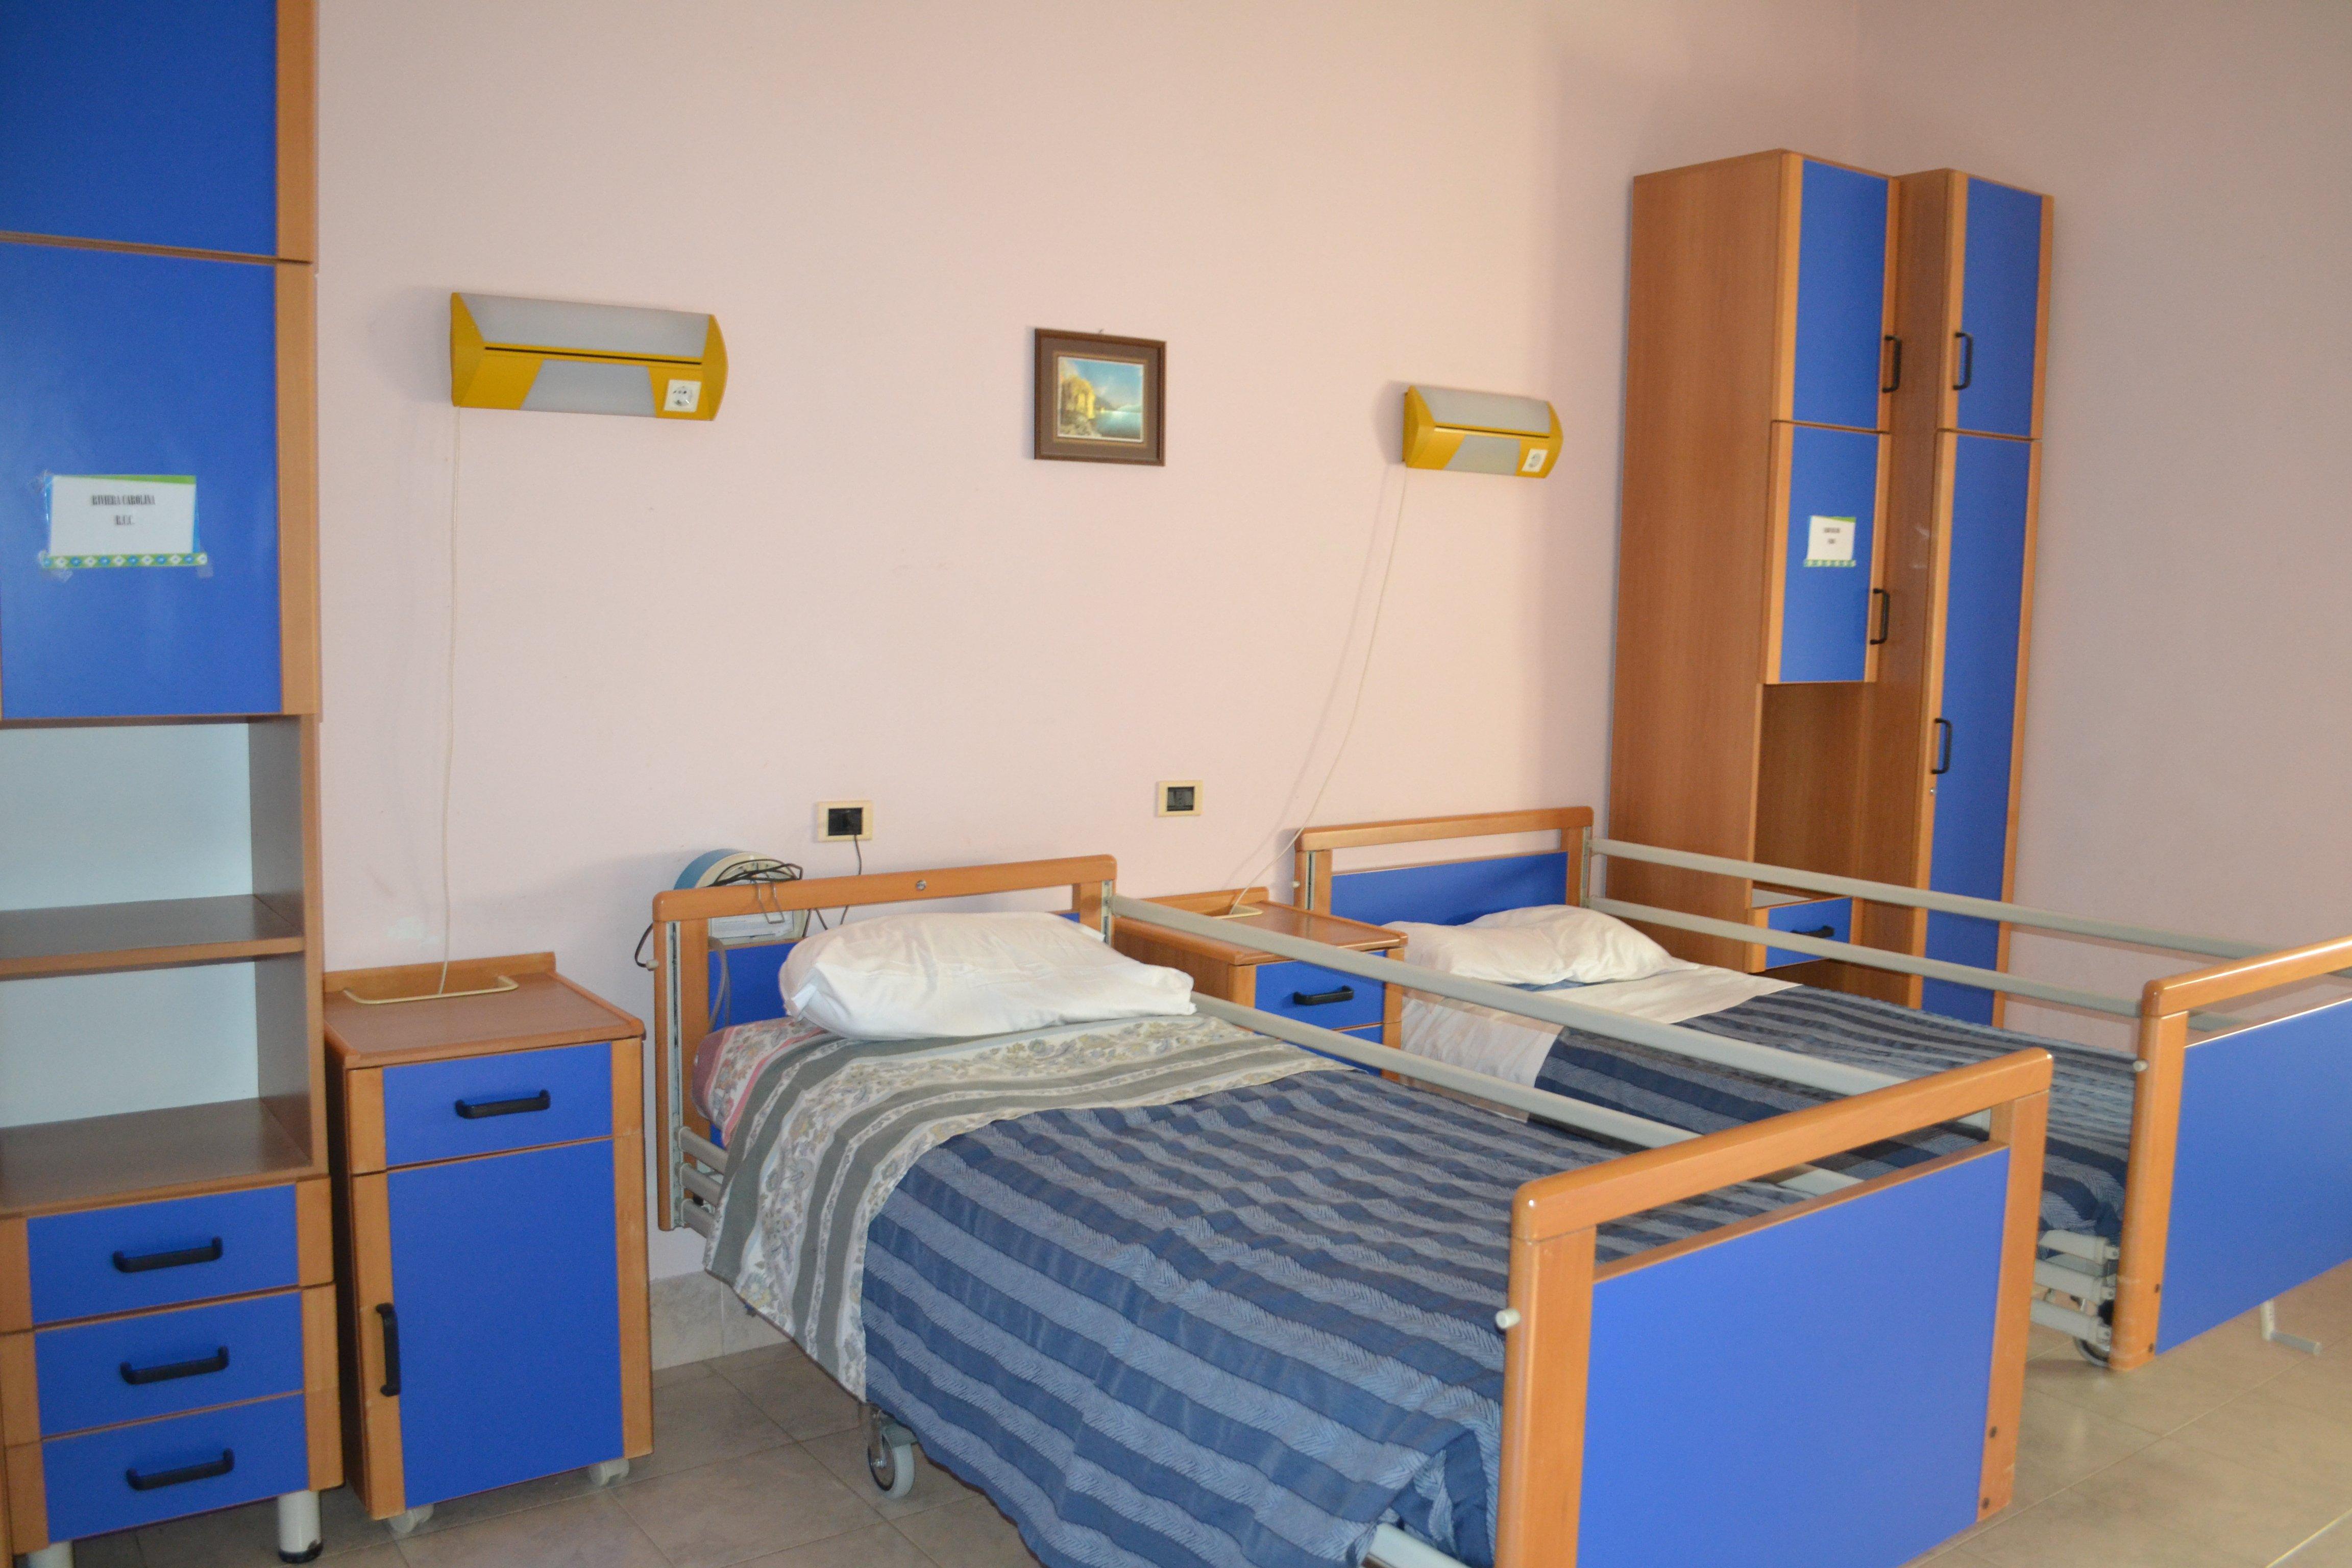 camera con letti blu